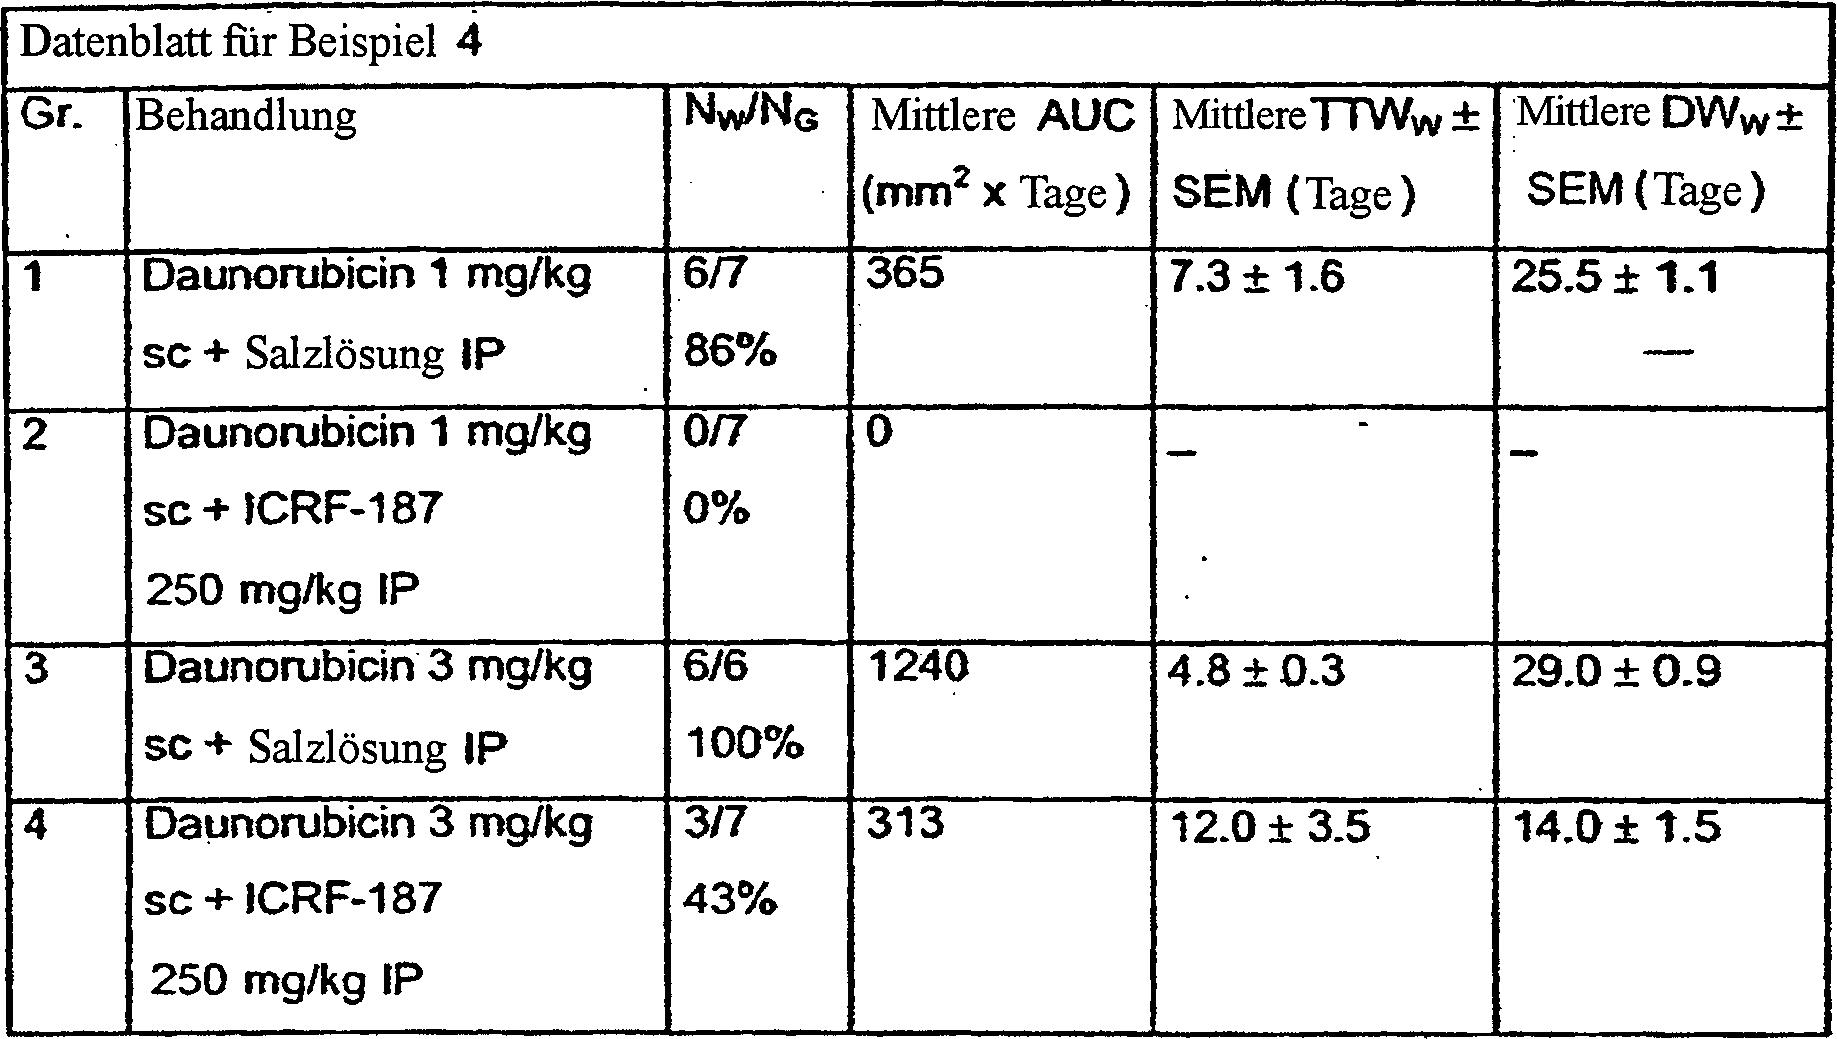 Senoside werden verwendet, um Gewicht zu verlieren